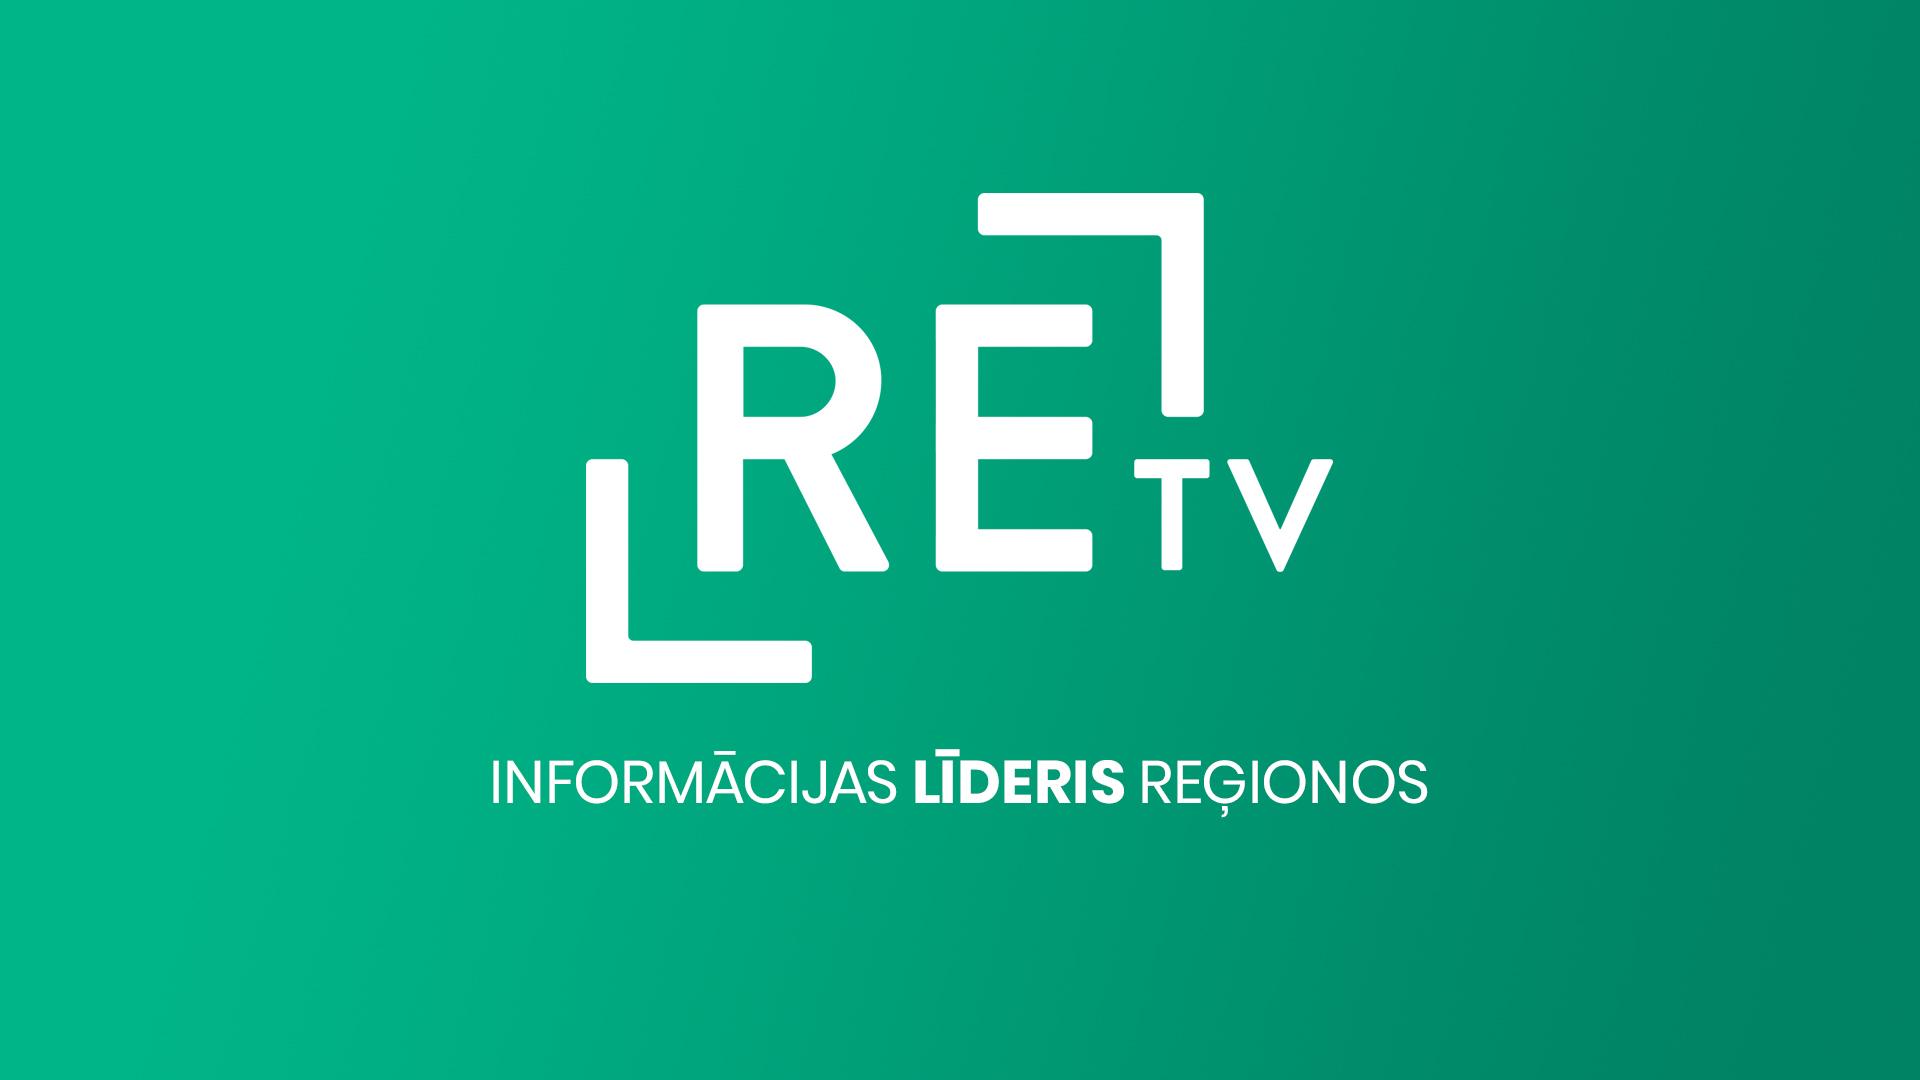 ReTV jaunā sezona ir klāt!